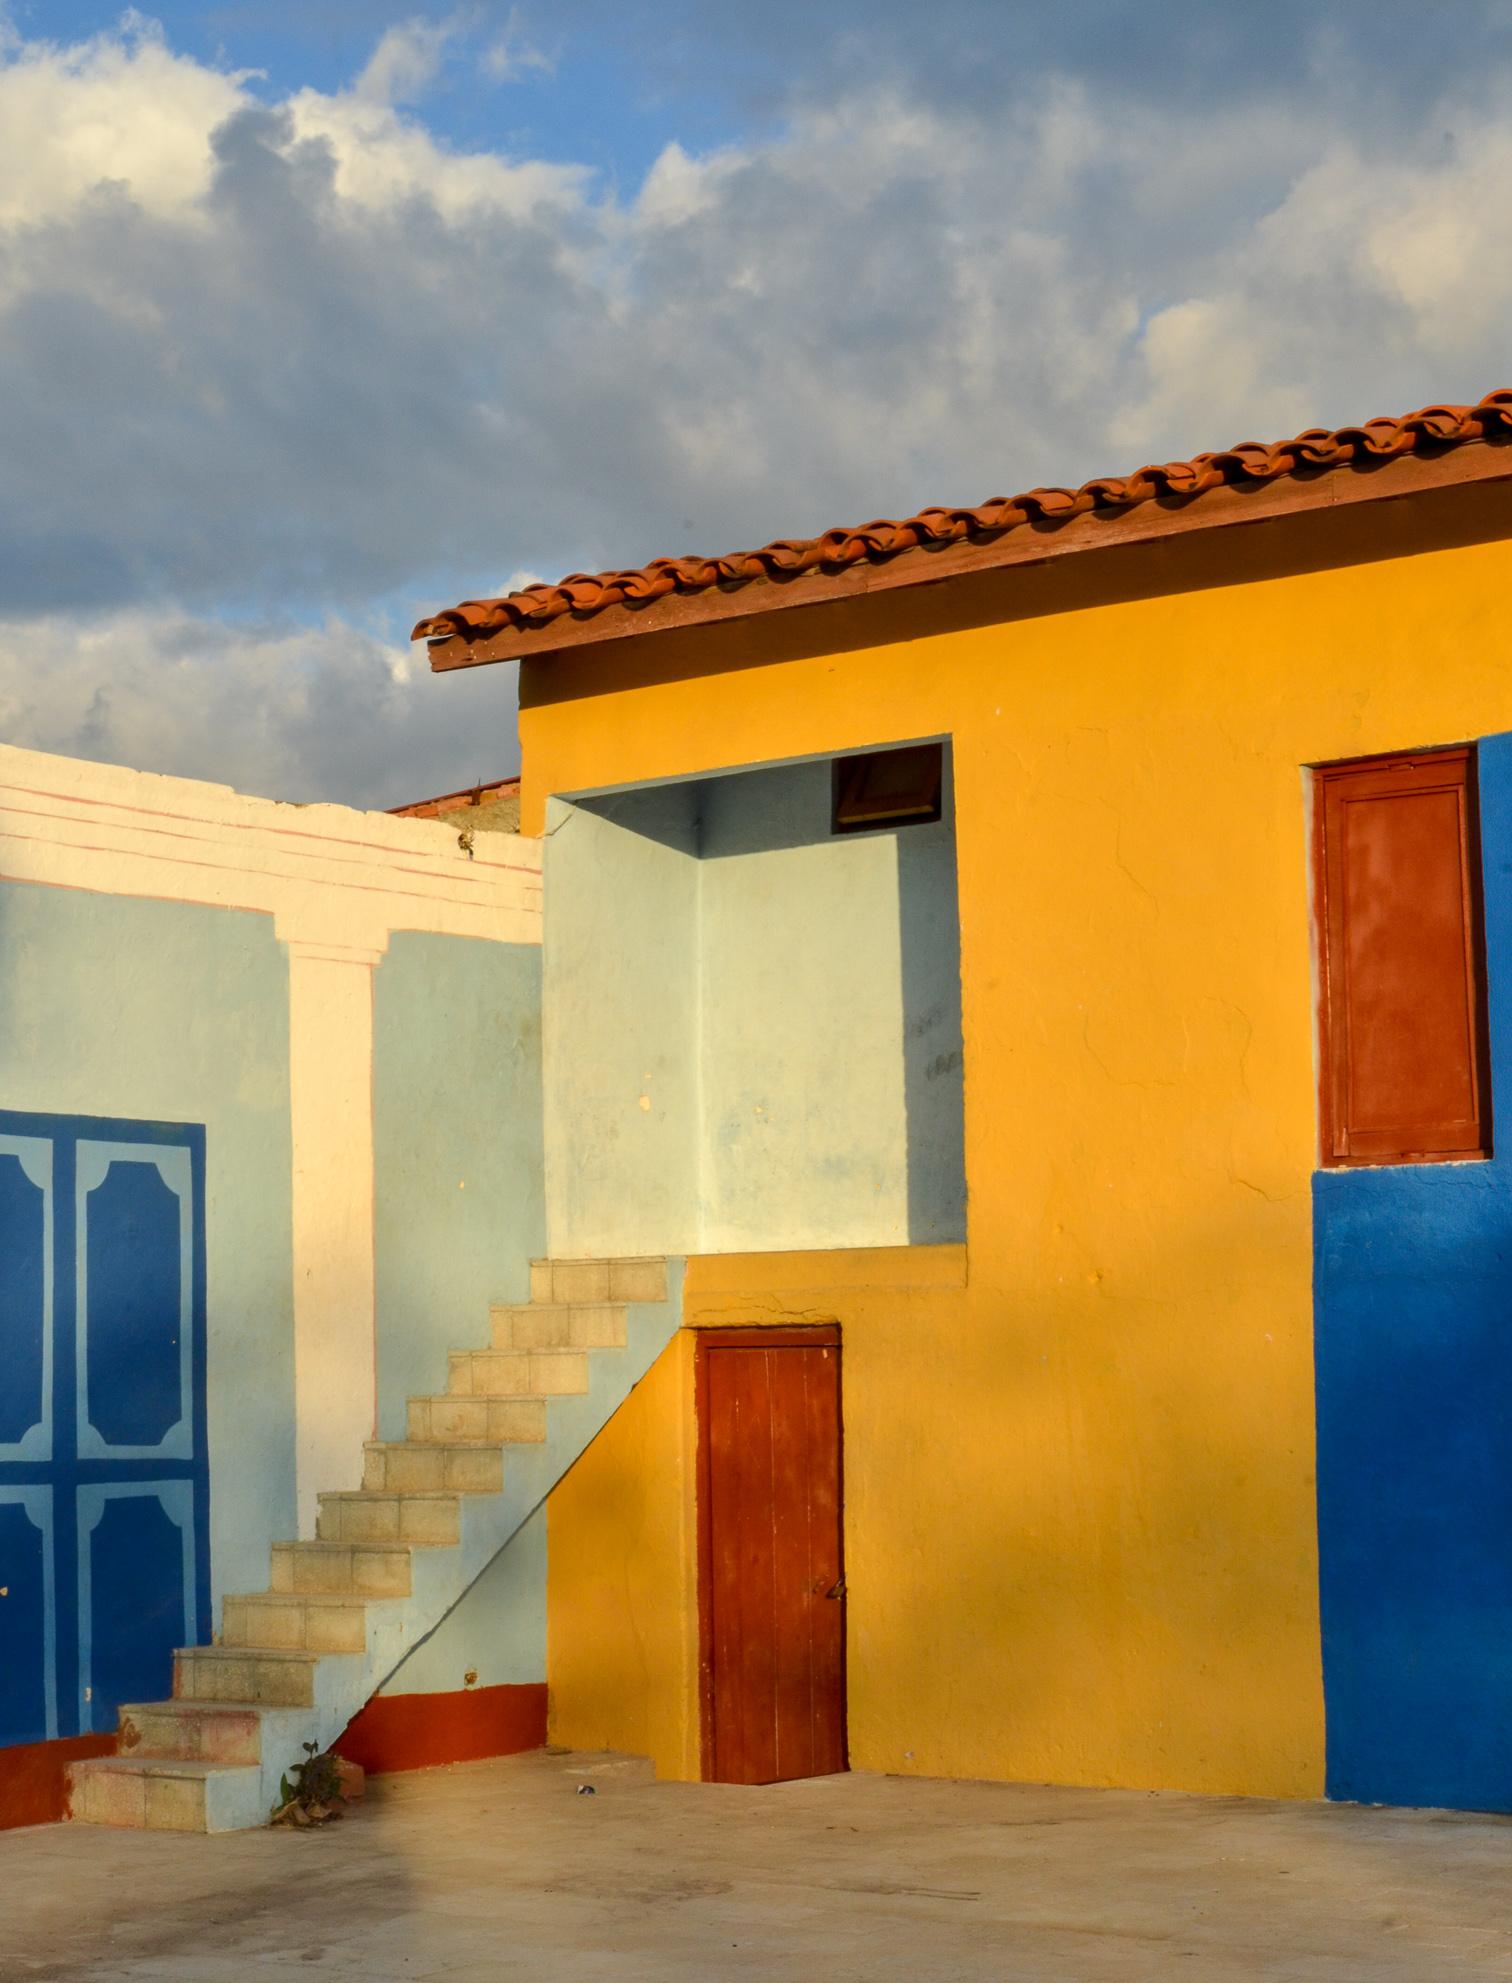 Building in Trinidad Cuba 2015